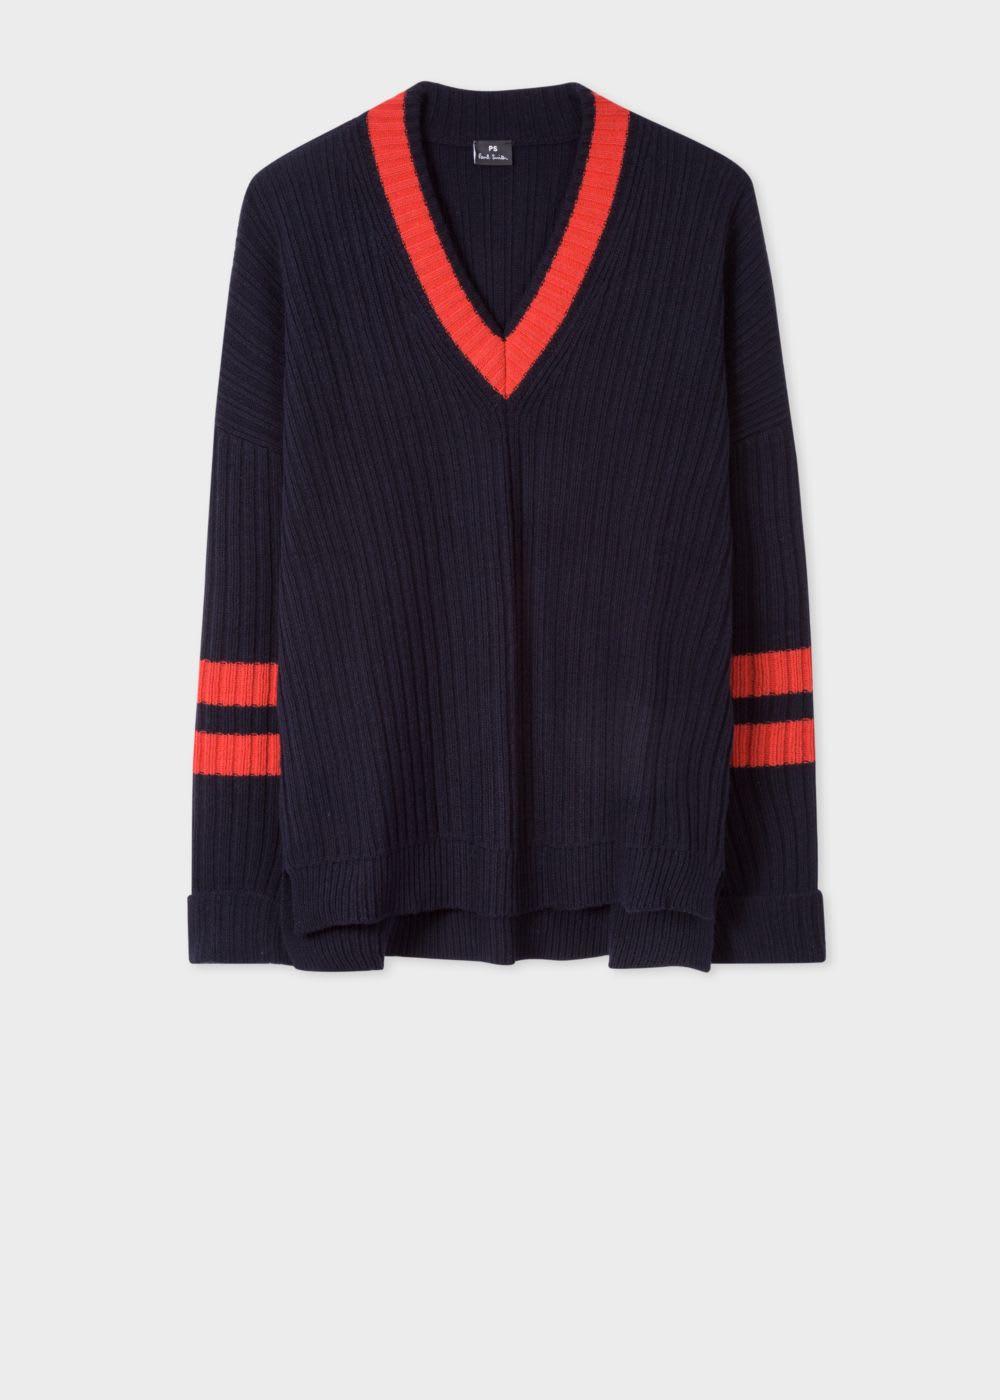 PS by Paul Smith Navy Oversized V Neck Sweater